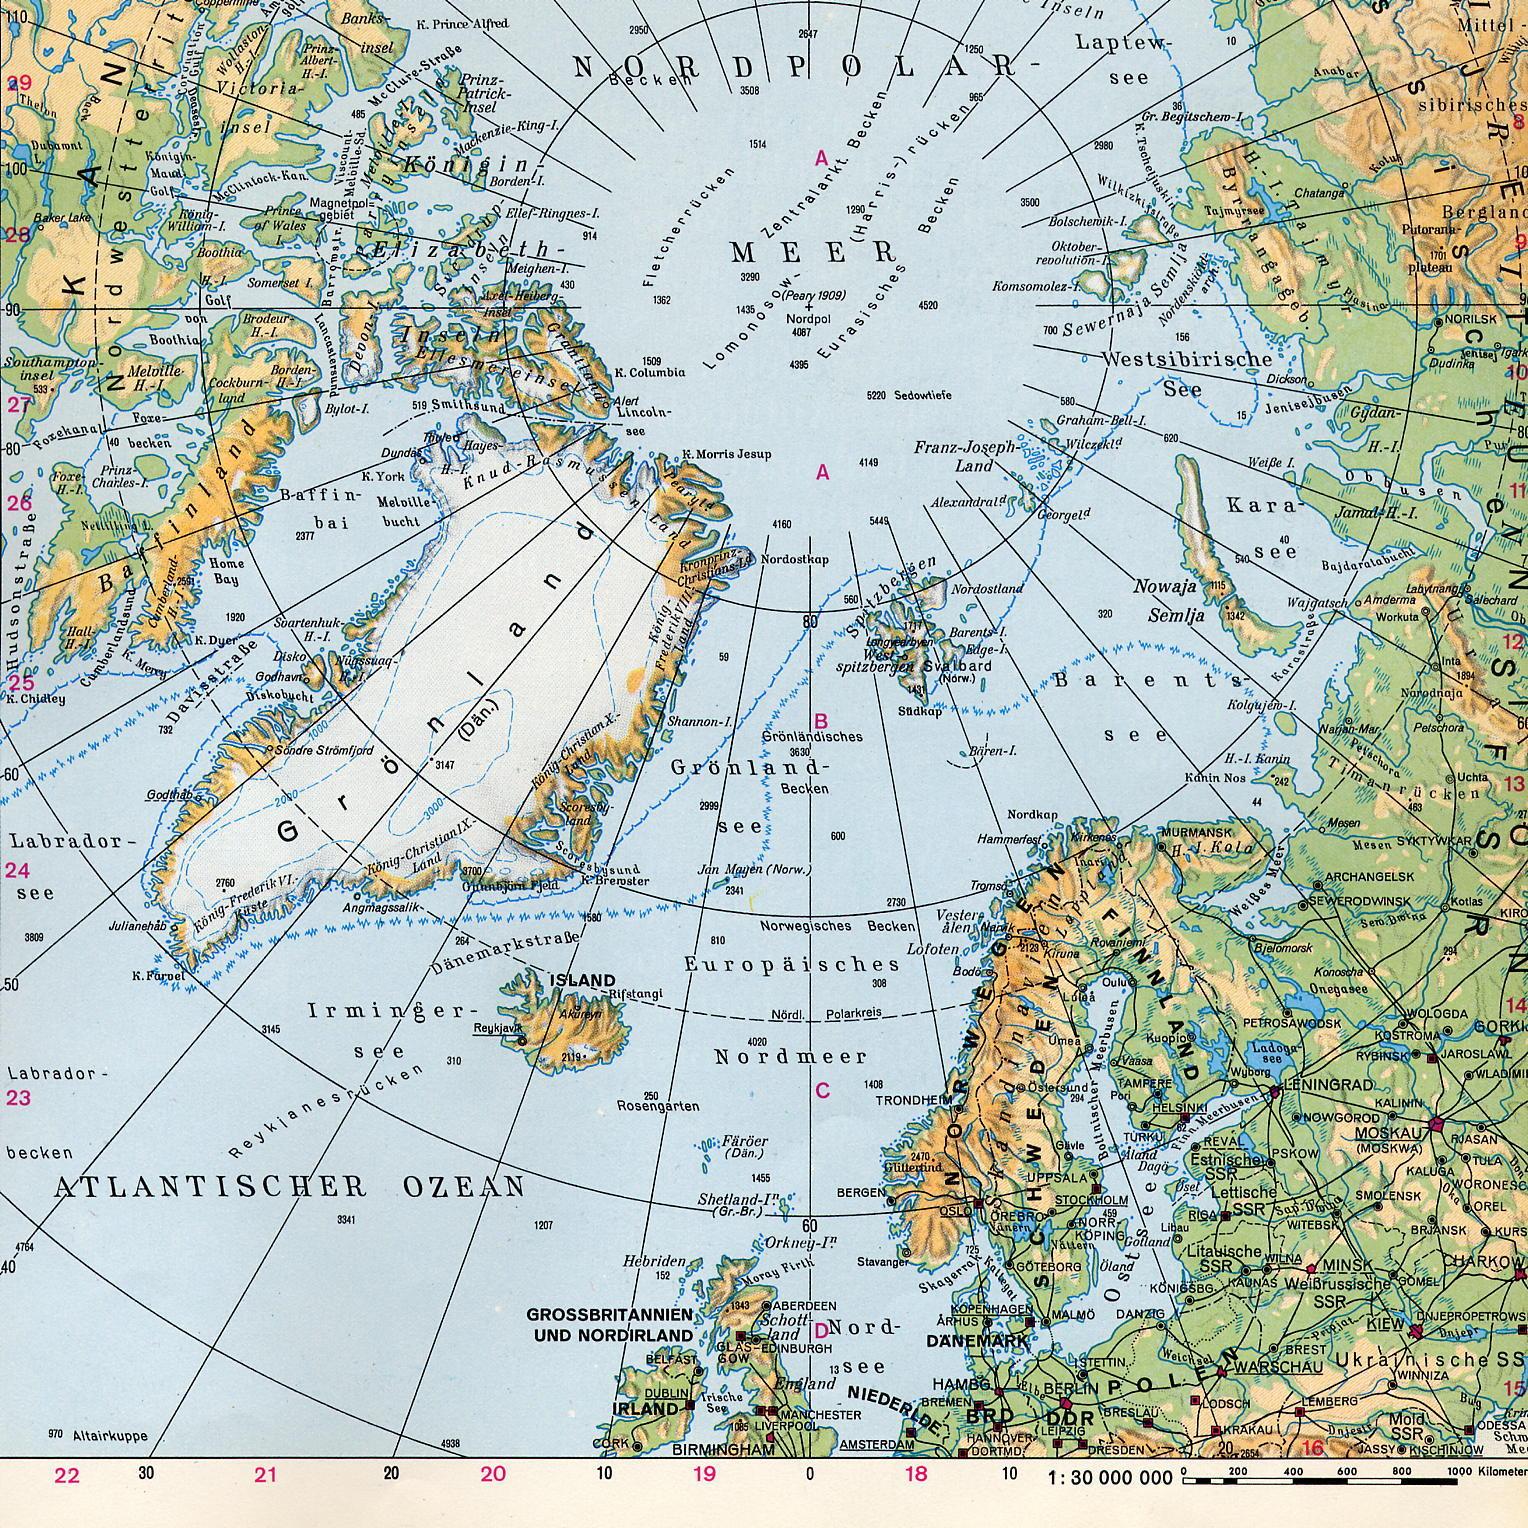 Nordpolarmeer Karte.Nordpolarmeer Jpg